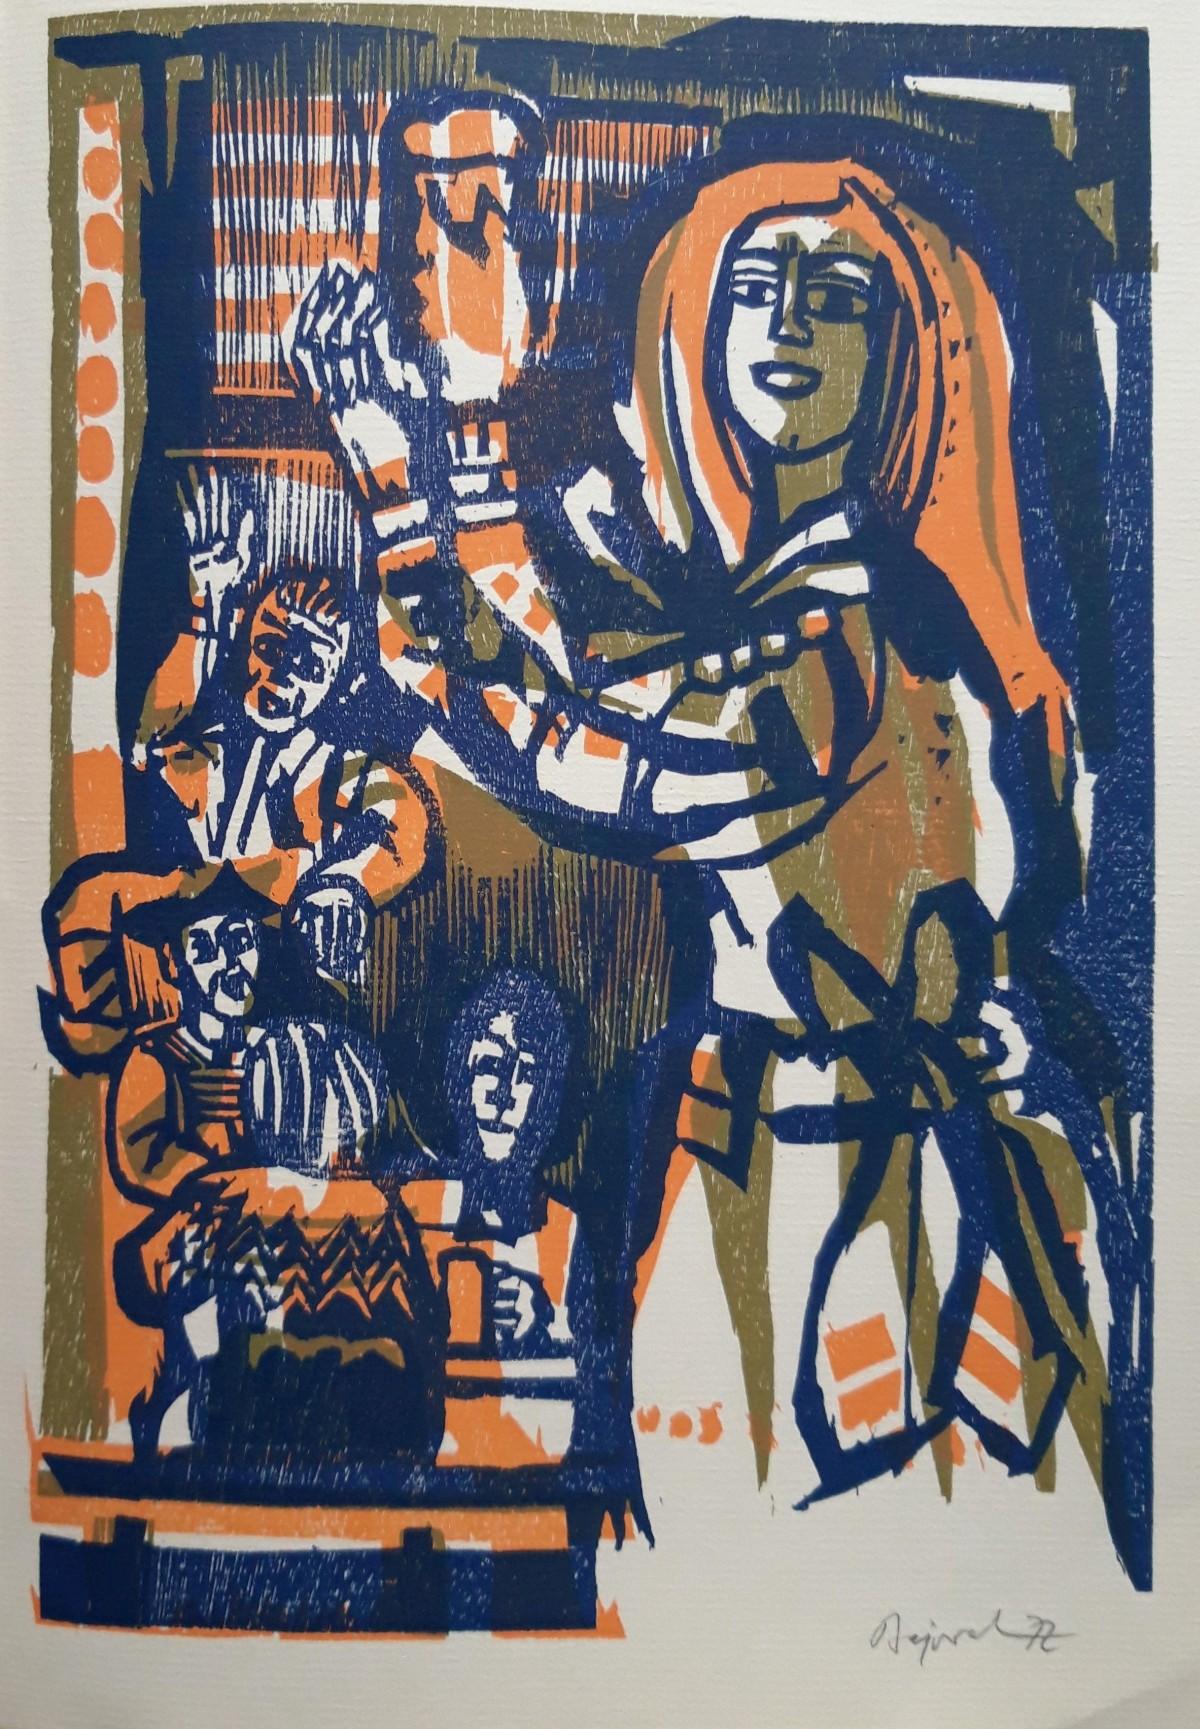 Archibald Bajorat - Drei-Farben-Holzschnitt von 1972 kopen? Bied vanaf 55!